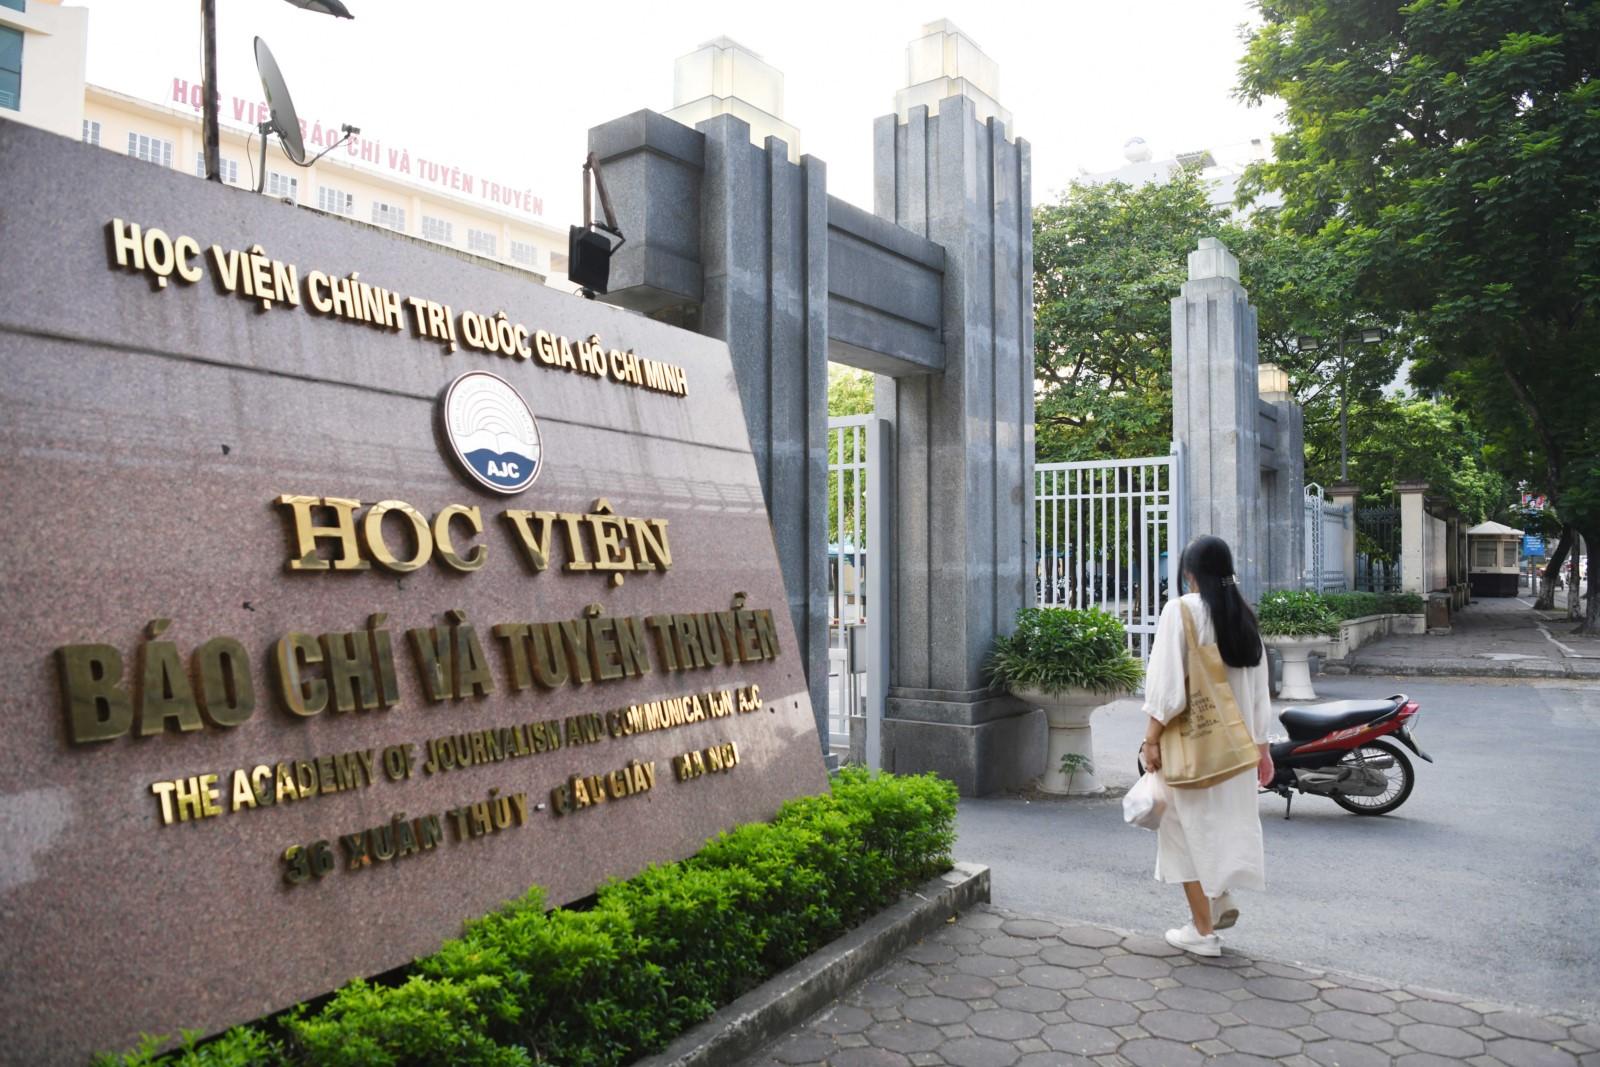 Học viện Báo chí và Tuyên truyền khai giảng năm học mới, đón 2,6 nghìn tân sinh viên